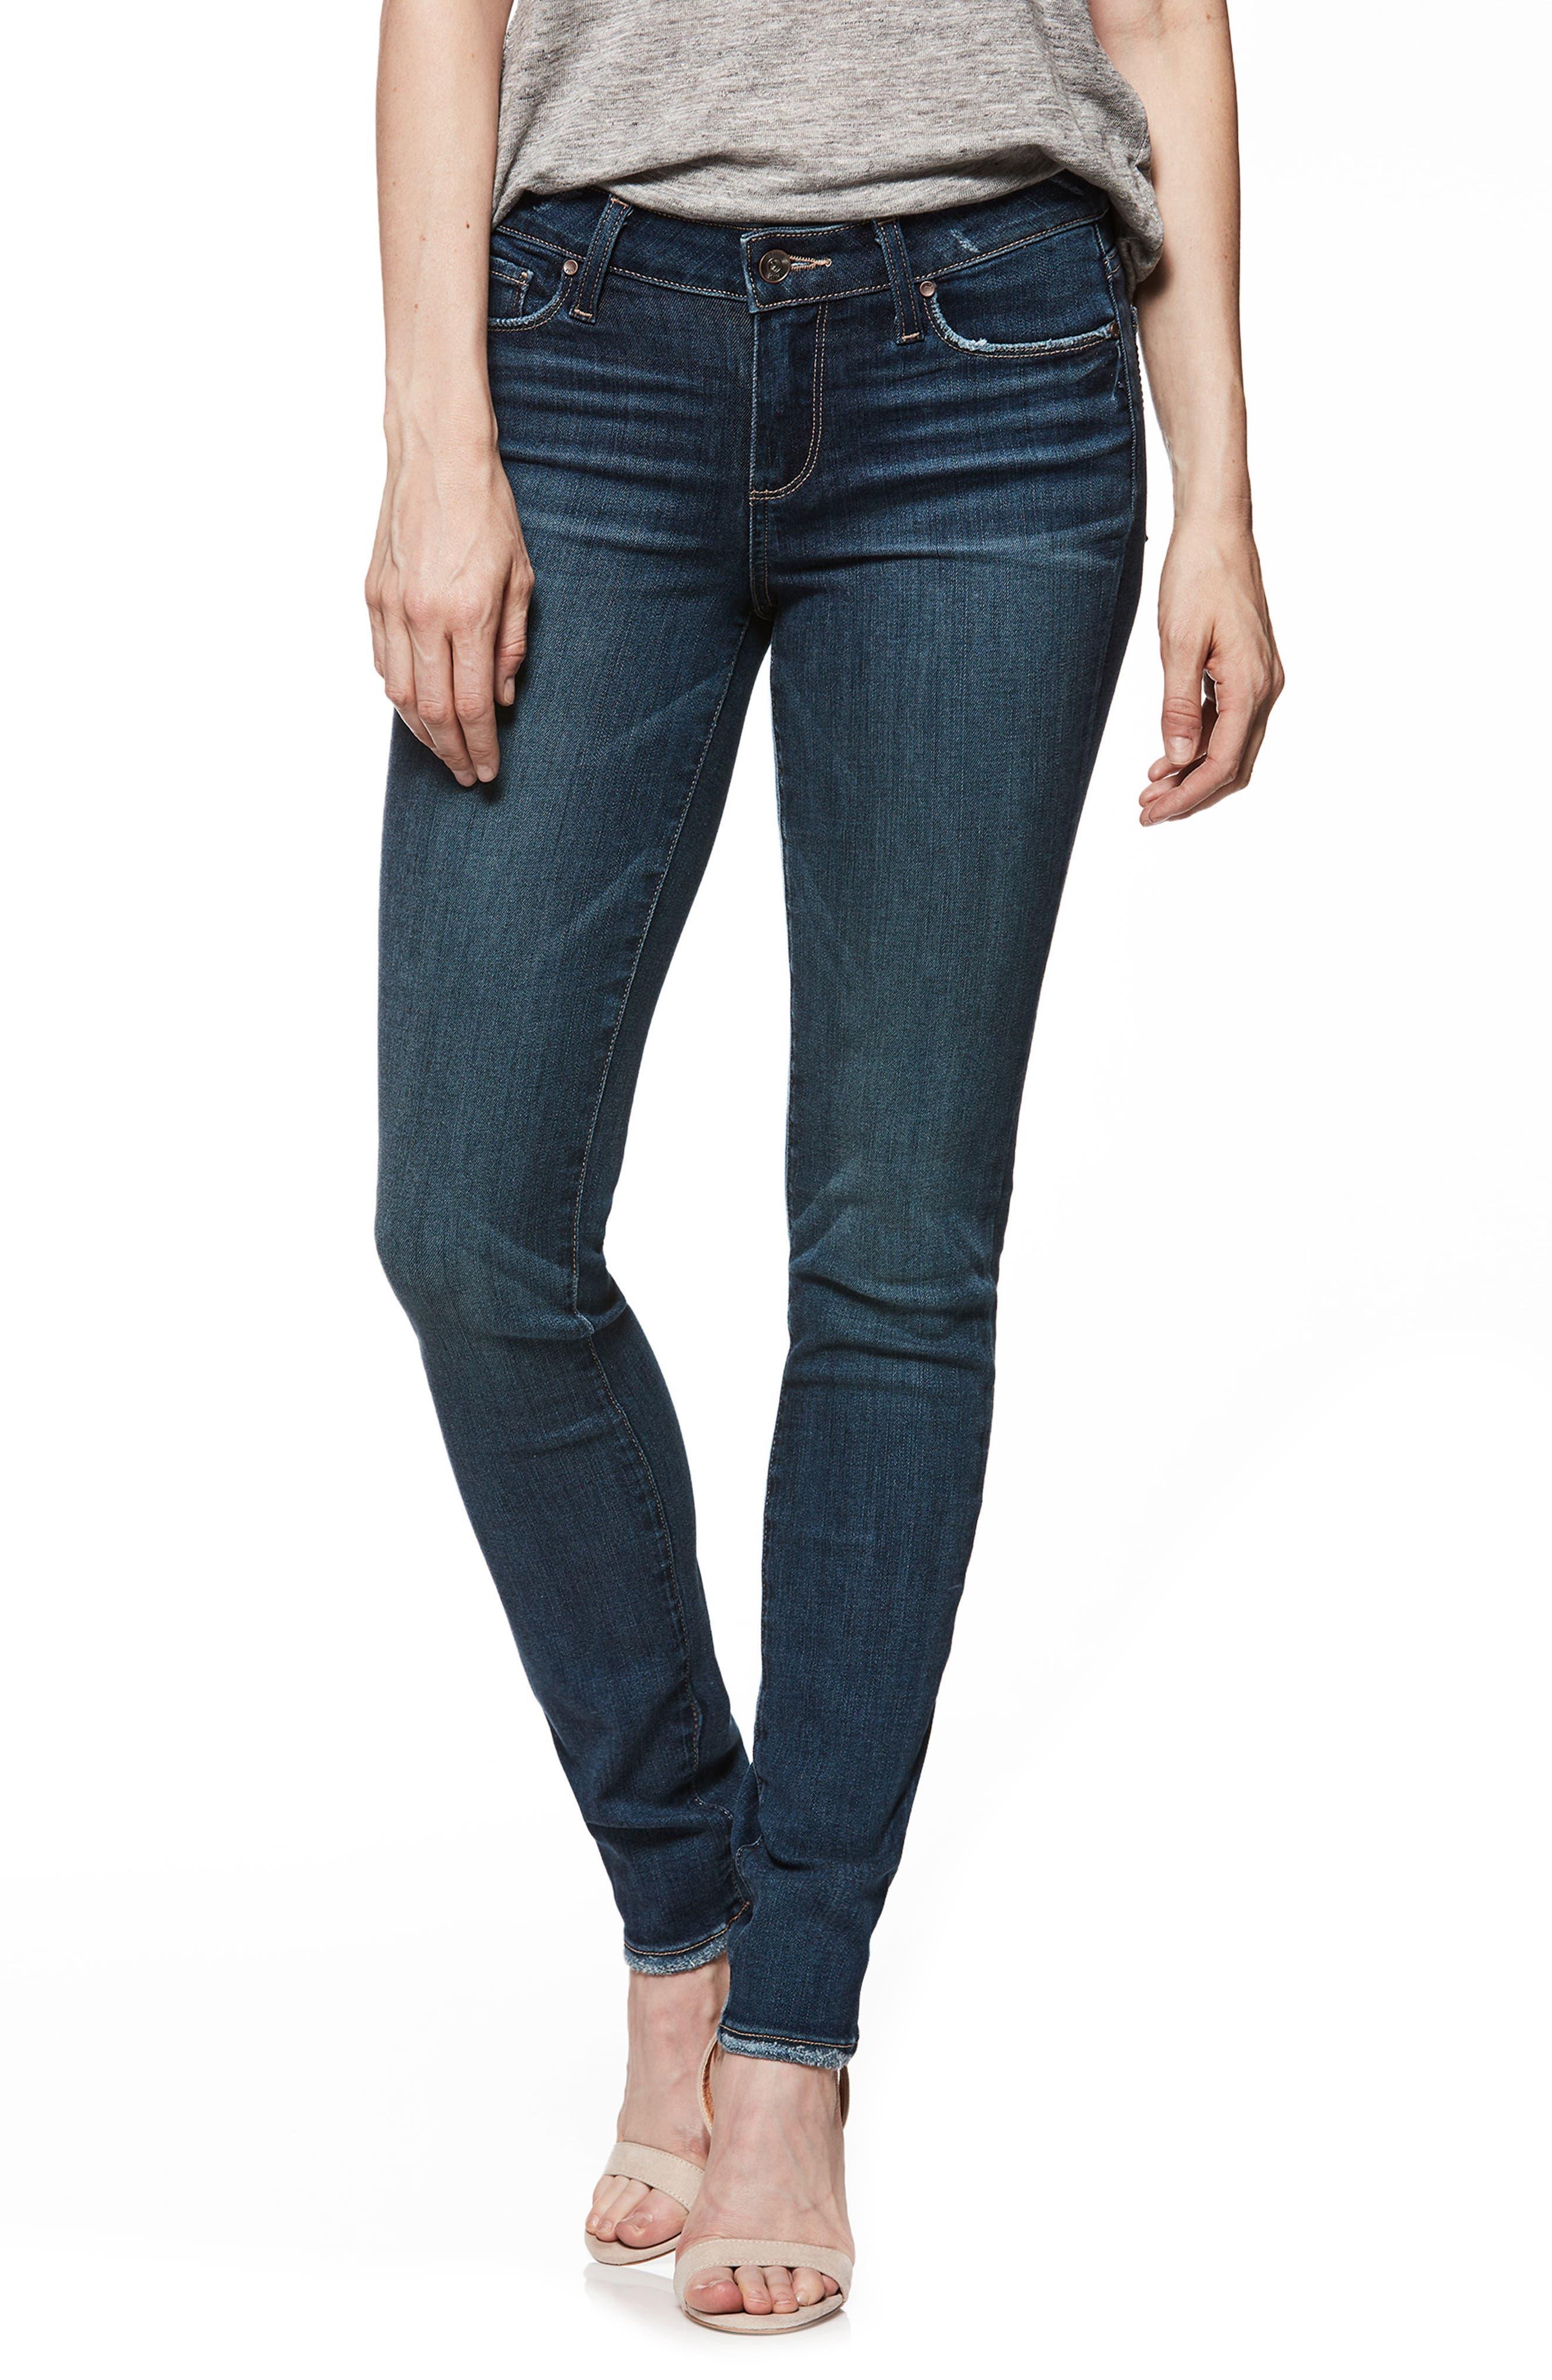 Transcend Vintage - Verdugo Ultra Skinny Jeans,                         Main,                         color, 400